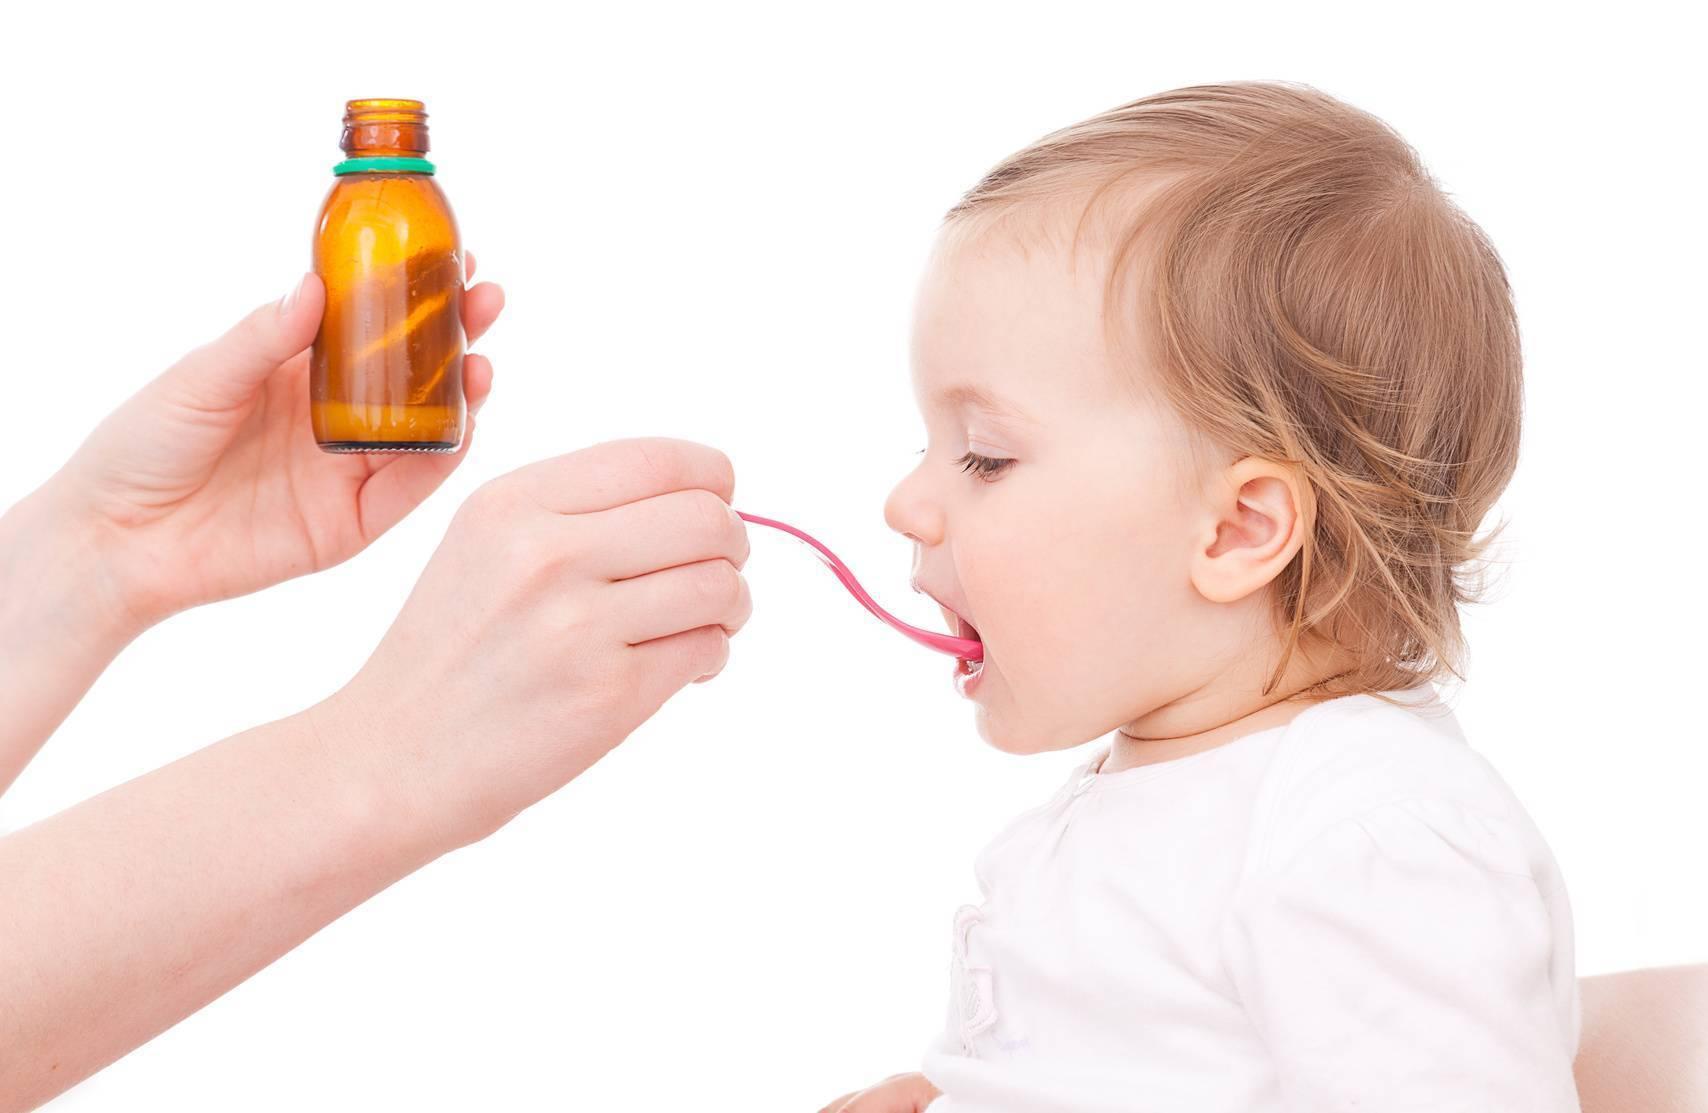 Как дать ребенку лекарство: 5 правил. лекарства для детей: в виде сиропа и ректальные свечи